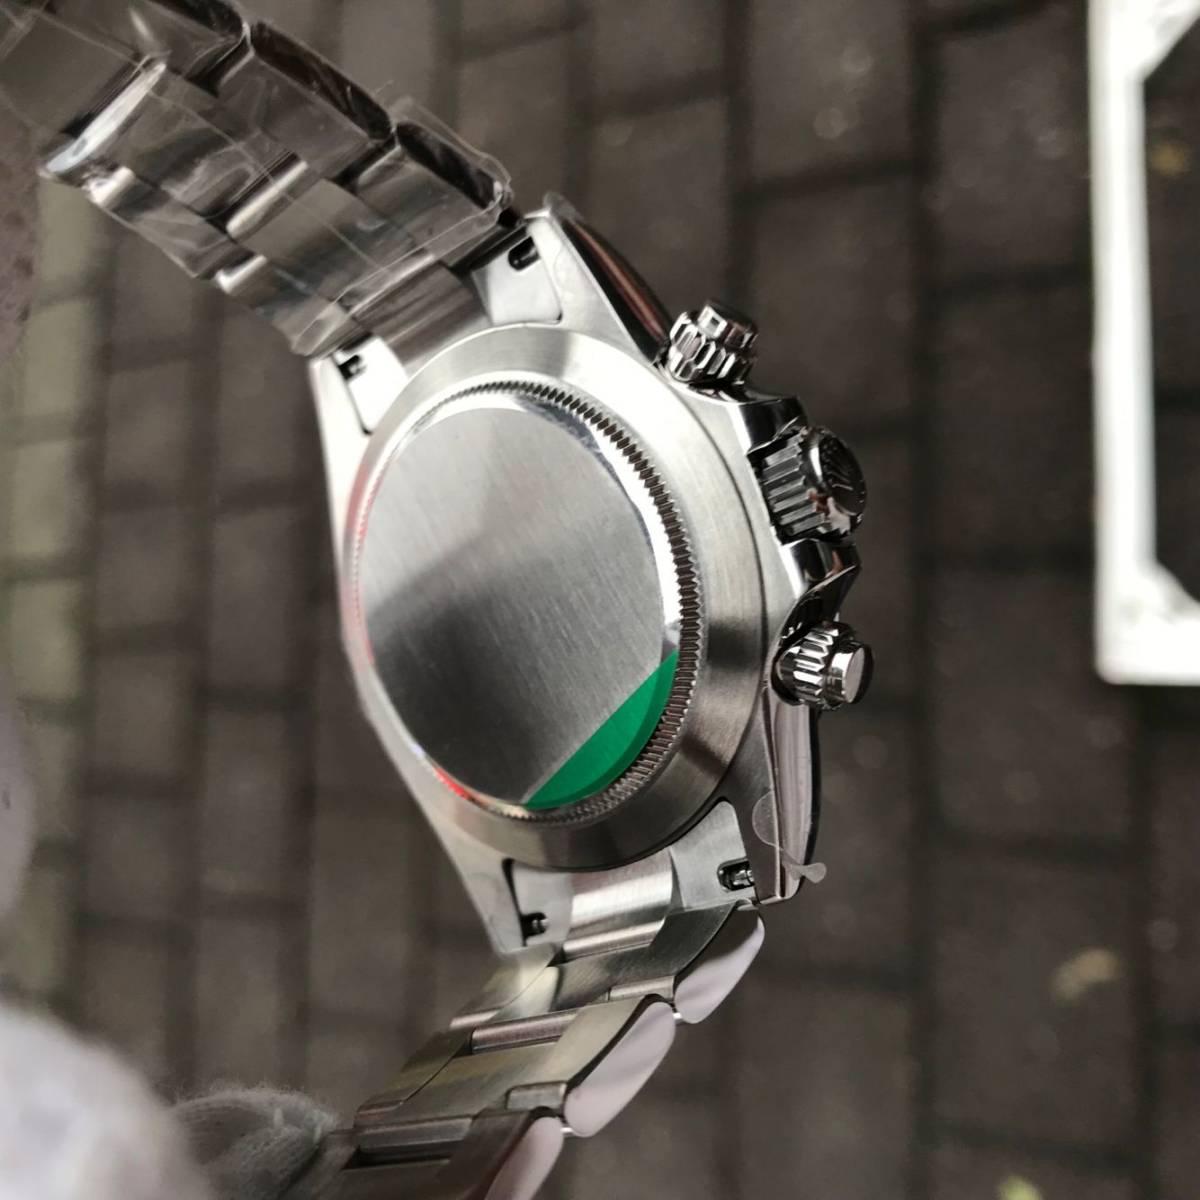 ロレックス AR デイトナ 自動巻 白文字盤 メンズ腕時計_画像3